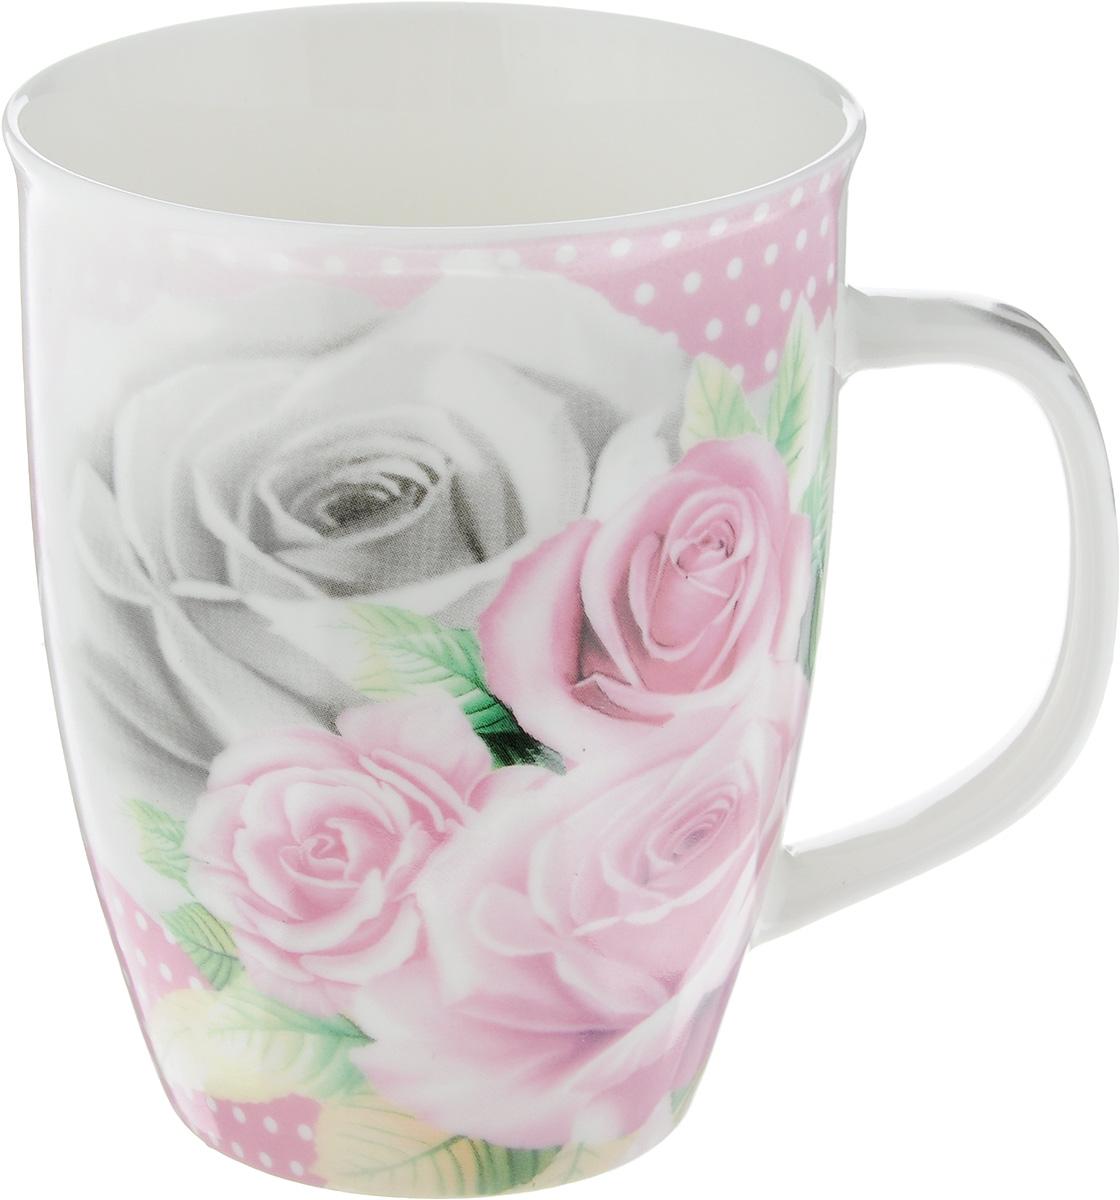 Кружка Loraine Розы, 340 мл25969_розыКружка Loraine Розы изготовлена из прочного качественного костяного фарфора. Изделие оформлено красочным рисунком. Благодаря своим термостатическим свойствам, изделие отлично сохраняет температуру содержимого - морозной зимой кружка будет согревать вас горячим чаем, а знойным летом, напротив, радовать прохладными напитками. Такой аксессуар создаст атмосферу тепла и уюта, настроит на позитивный лад и подарит хорошее настроение с самого утра. Это оригинальное изделие идеально подойдет в подарок близкому человеку. Диаметр (по верхнему краю): 8,5 см.Высота кружки: 10,5 см.